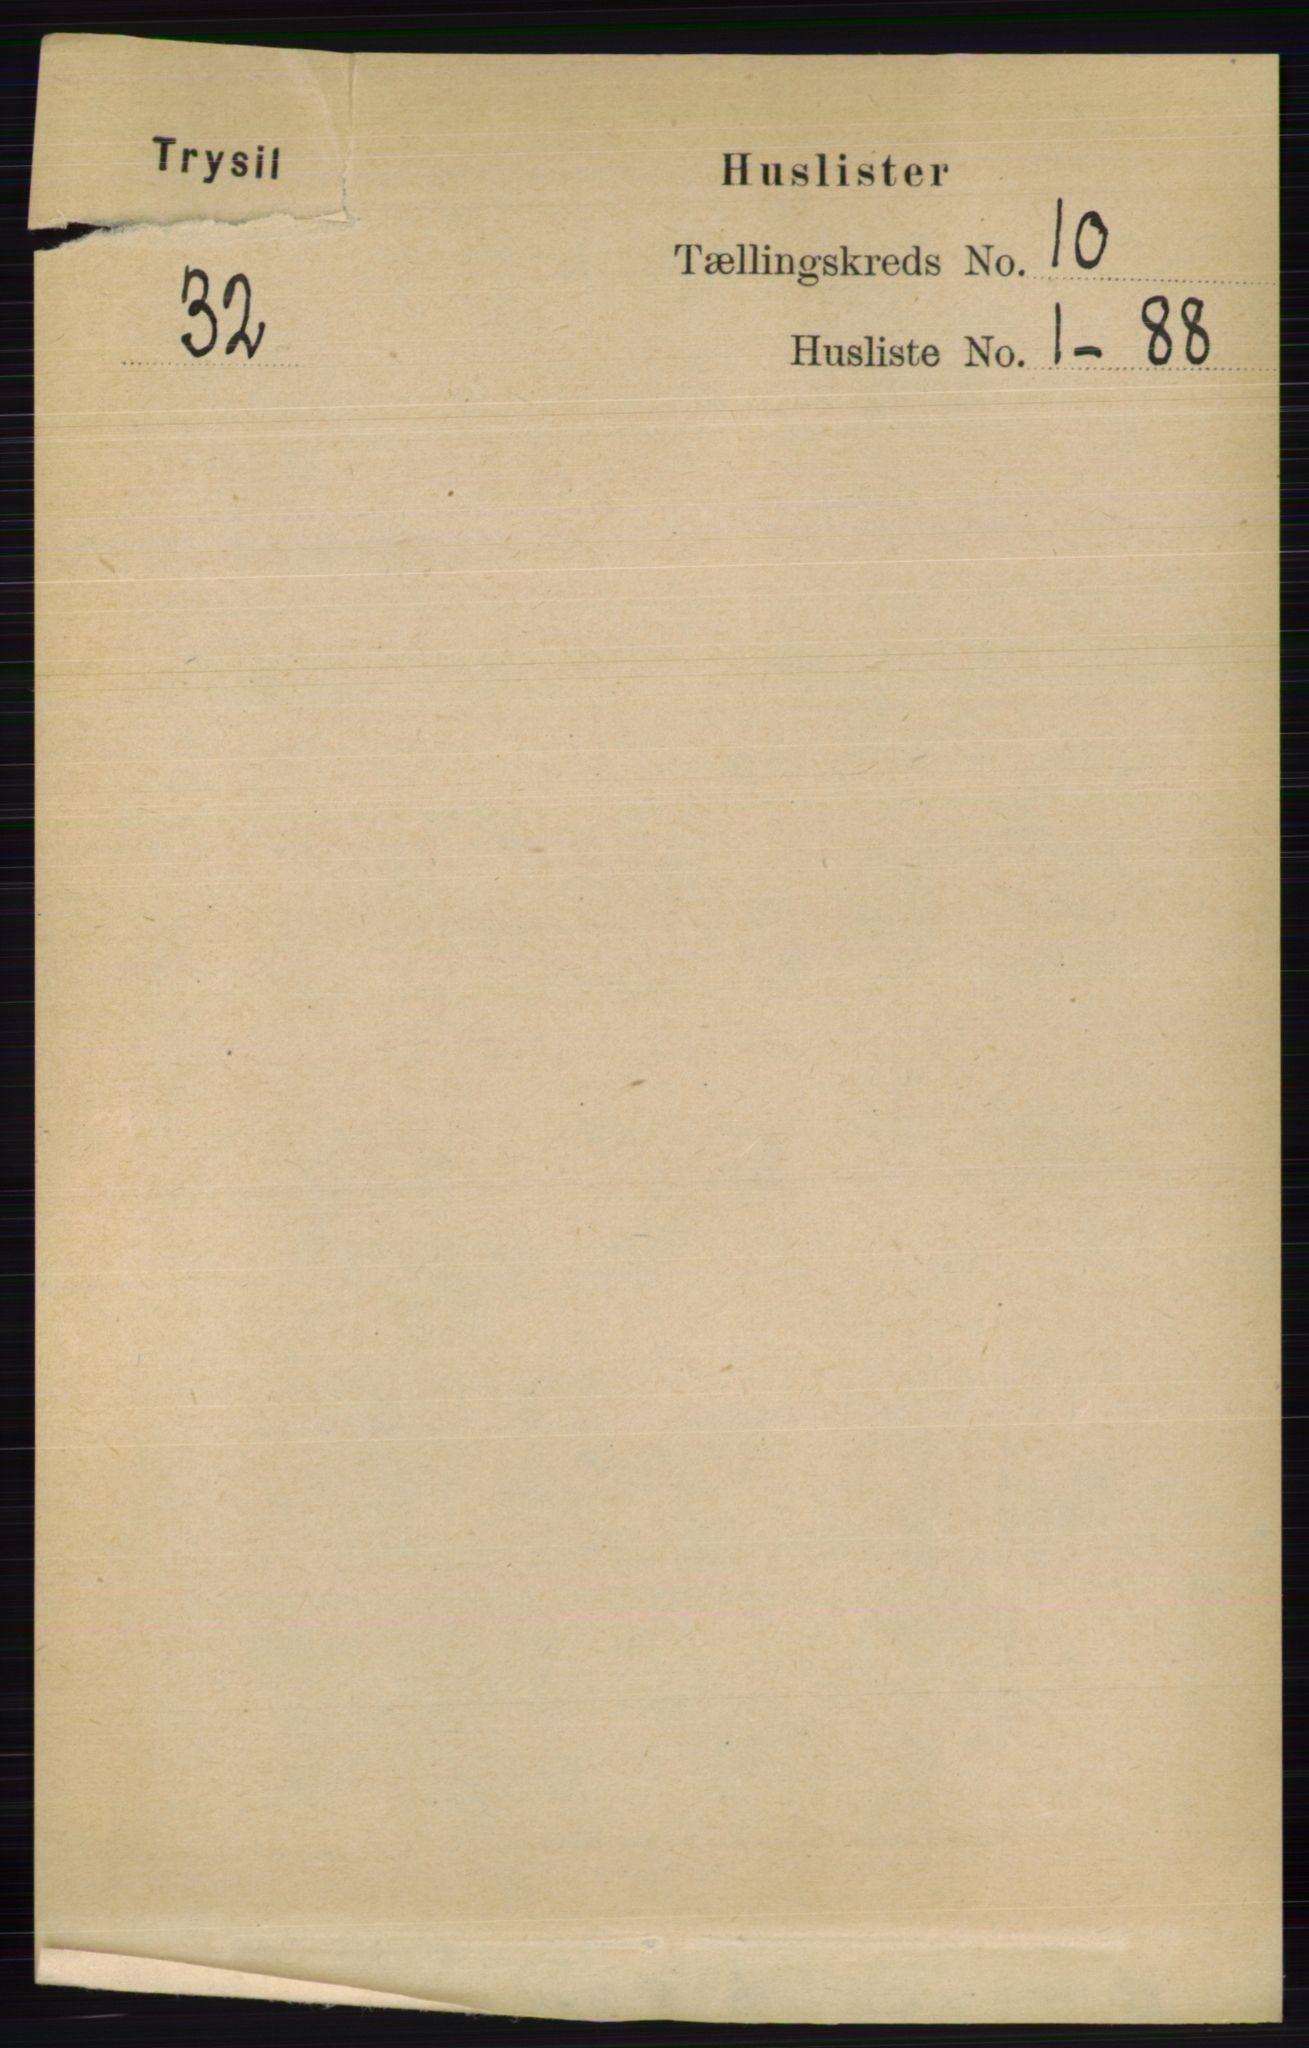 RA, Folketelling 1891 for 0428 Trysil herred, 1891, s. 4761